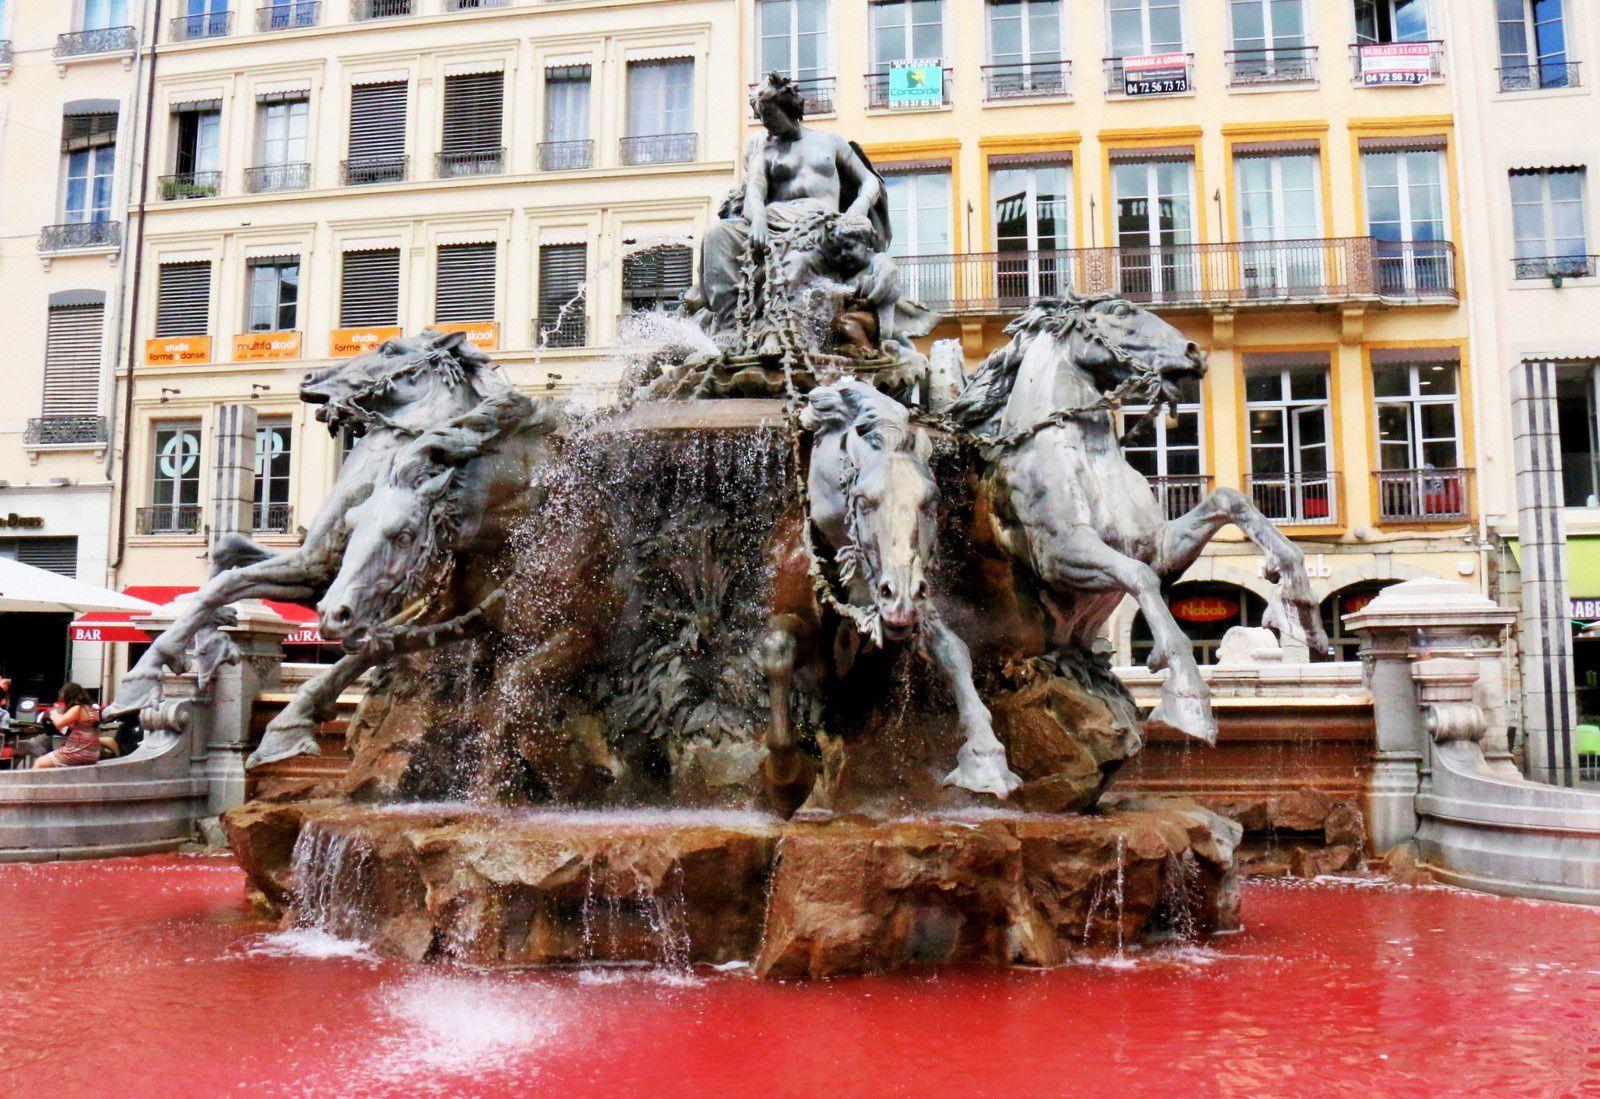 Le rouge est bien la couleur de l'eau.